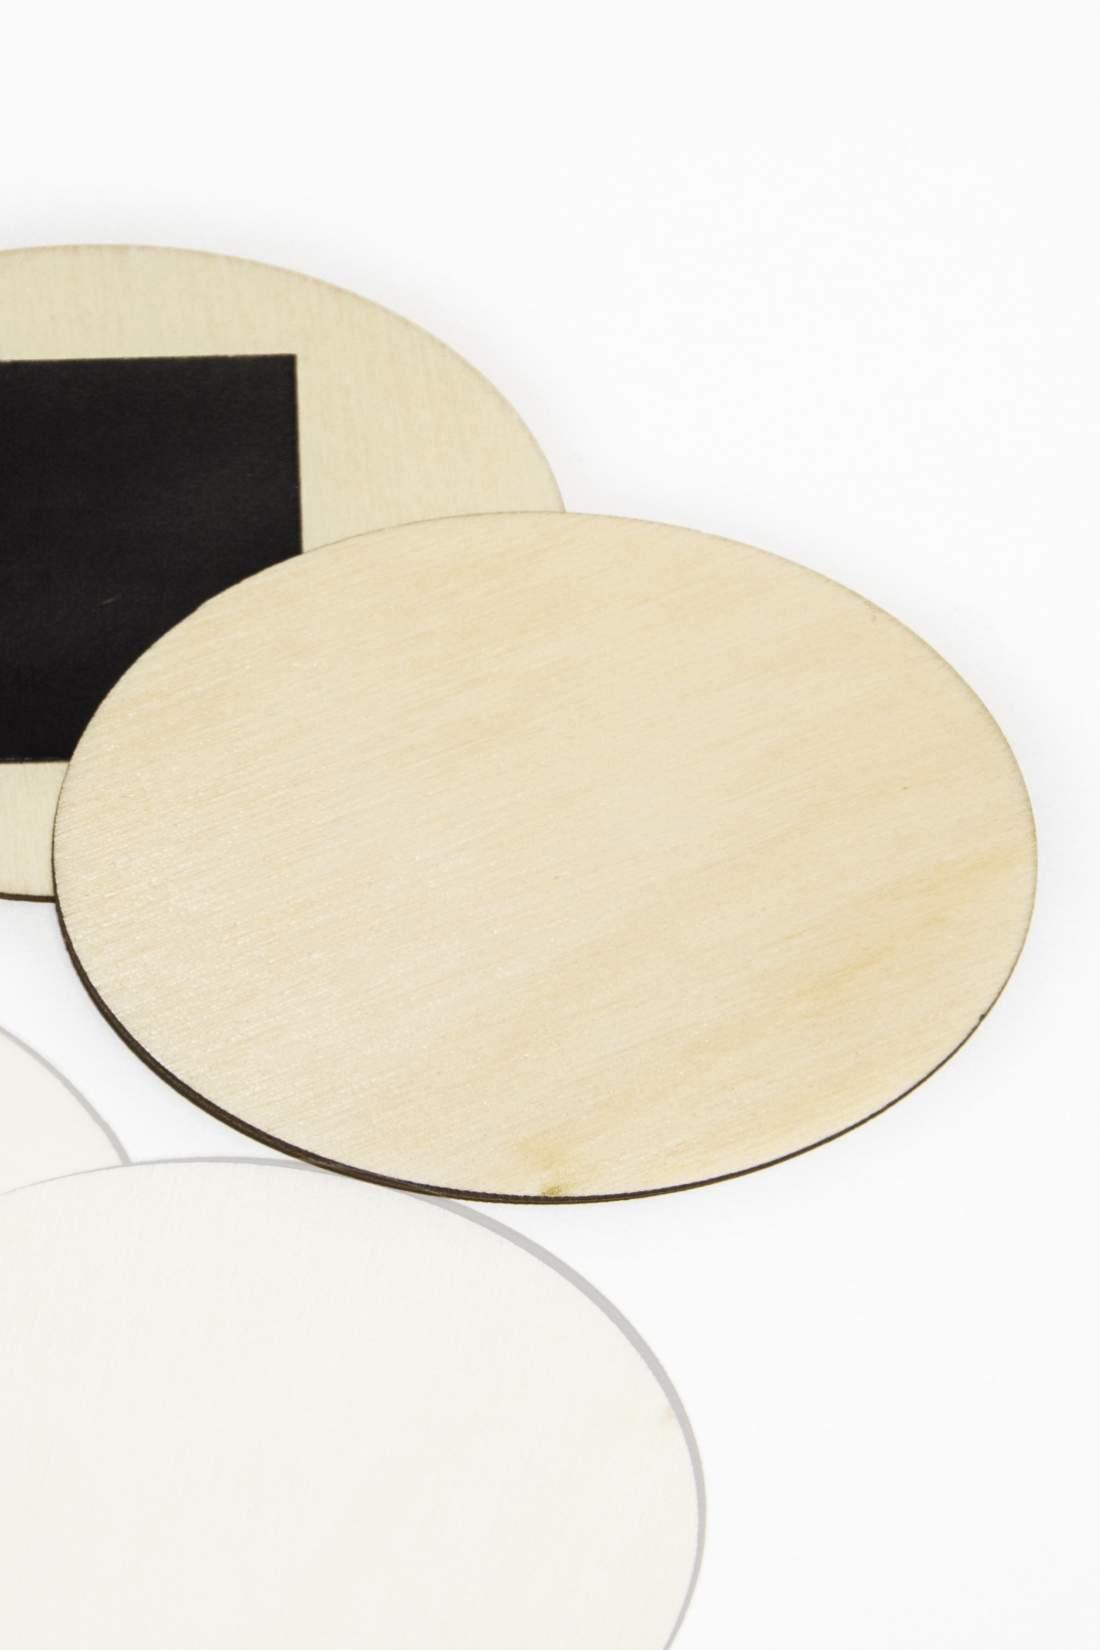 101.1 Placă din lemn pentru magnet frigider, felie ovală 70x50mm